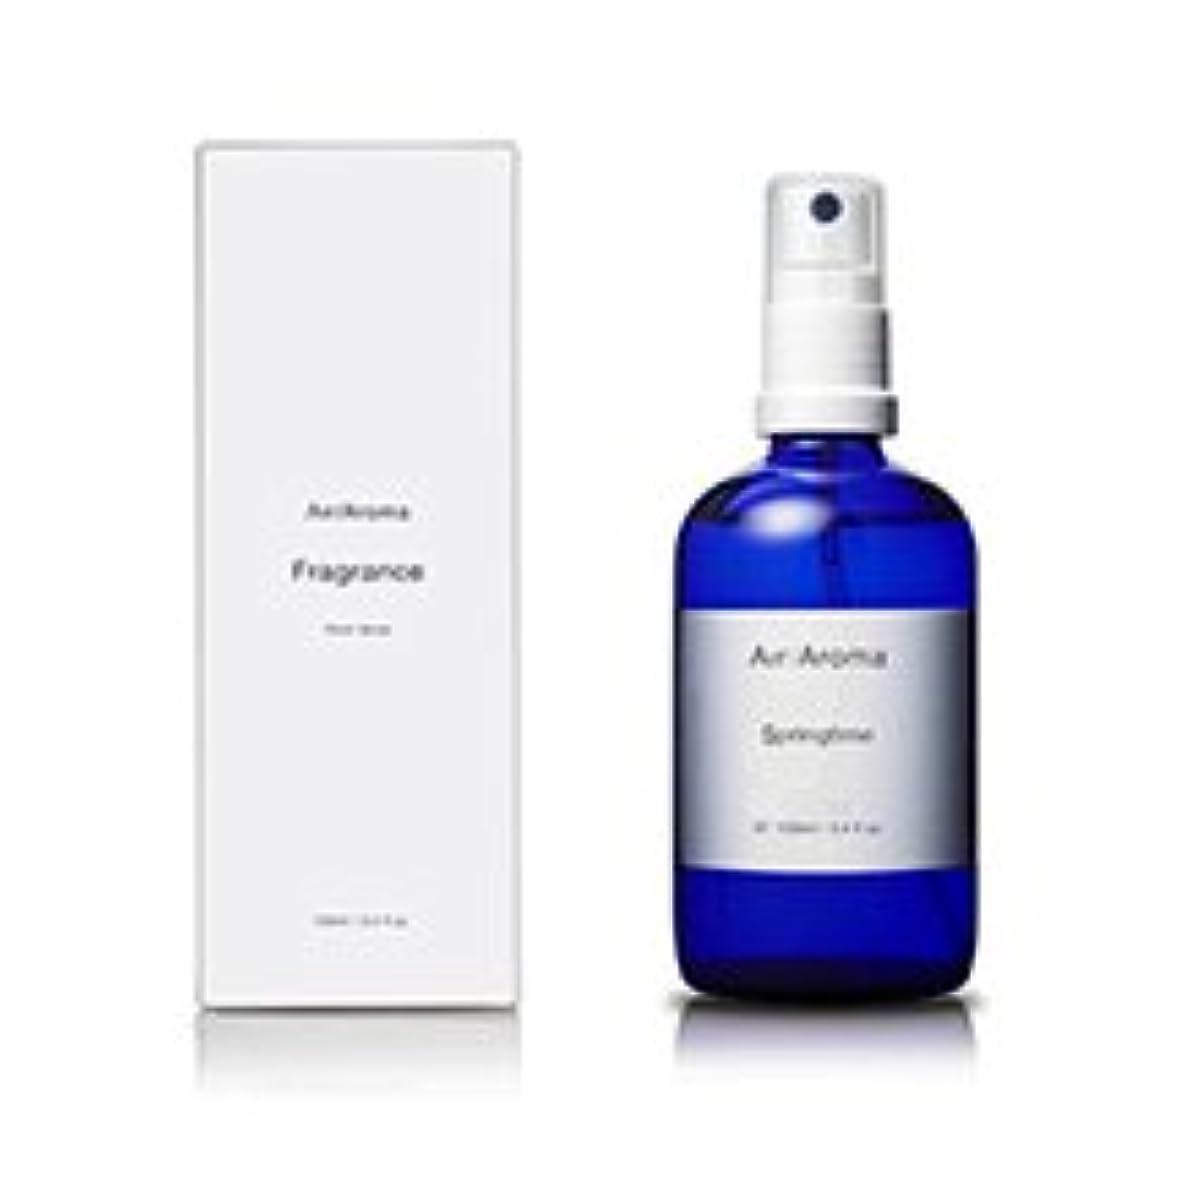 法令崖重くするエアアロマ springtime room fragrance(スプリングタイム ルームフレグランス)100ml